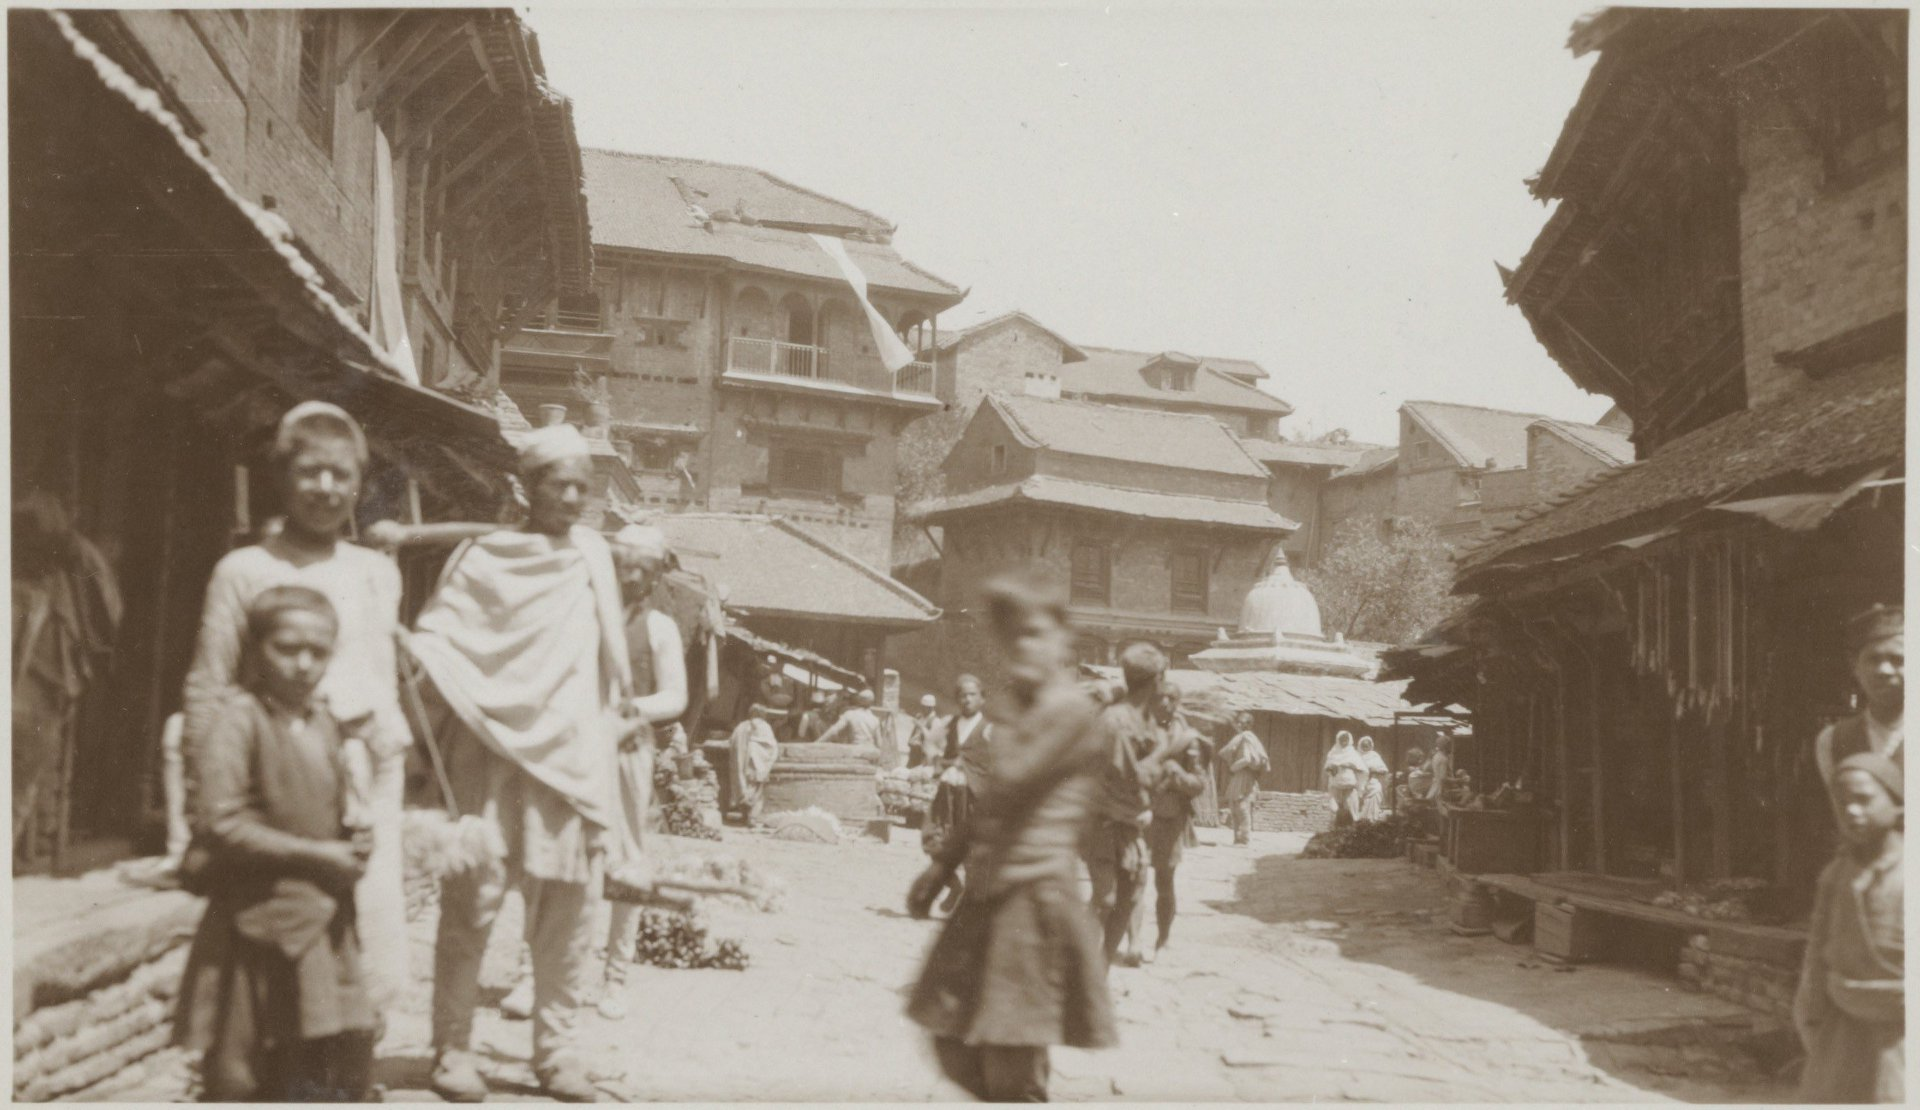 Sukuldhoka during 1932-34 image